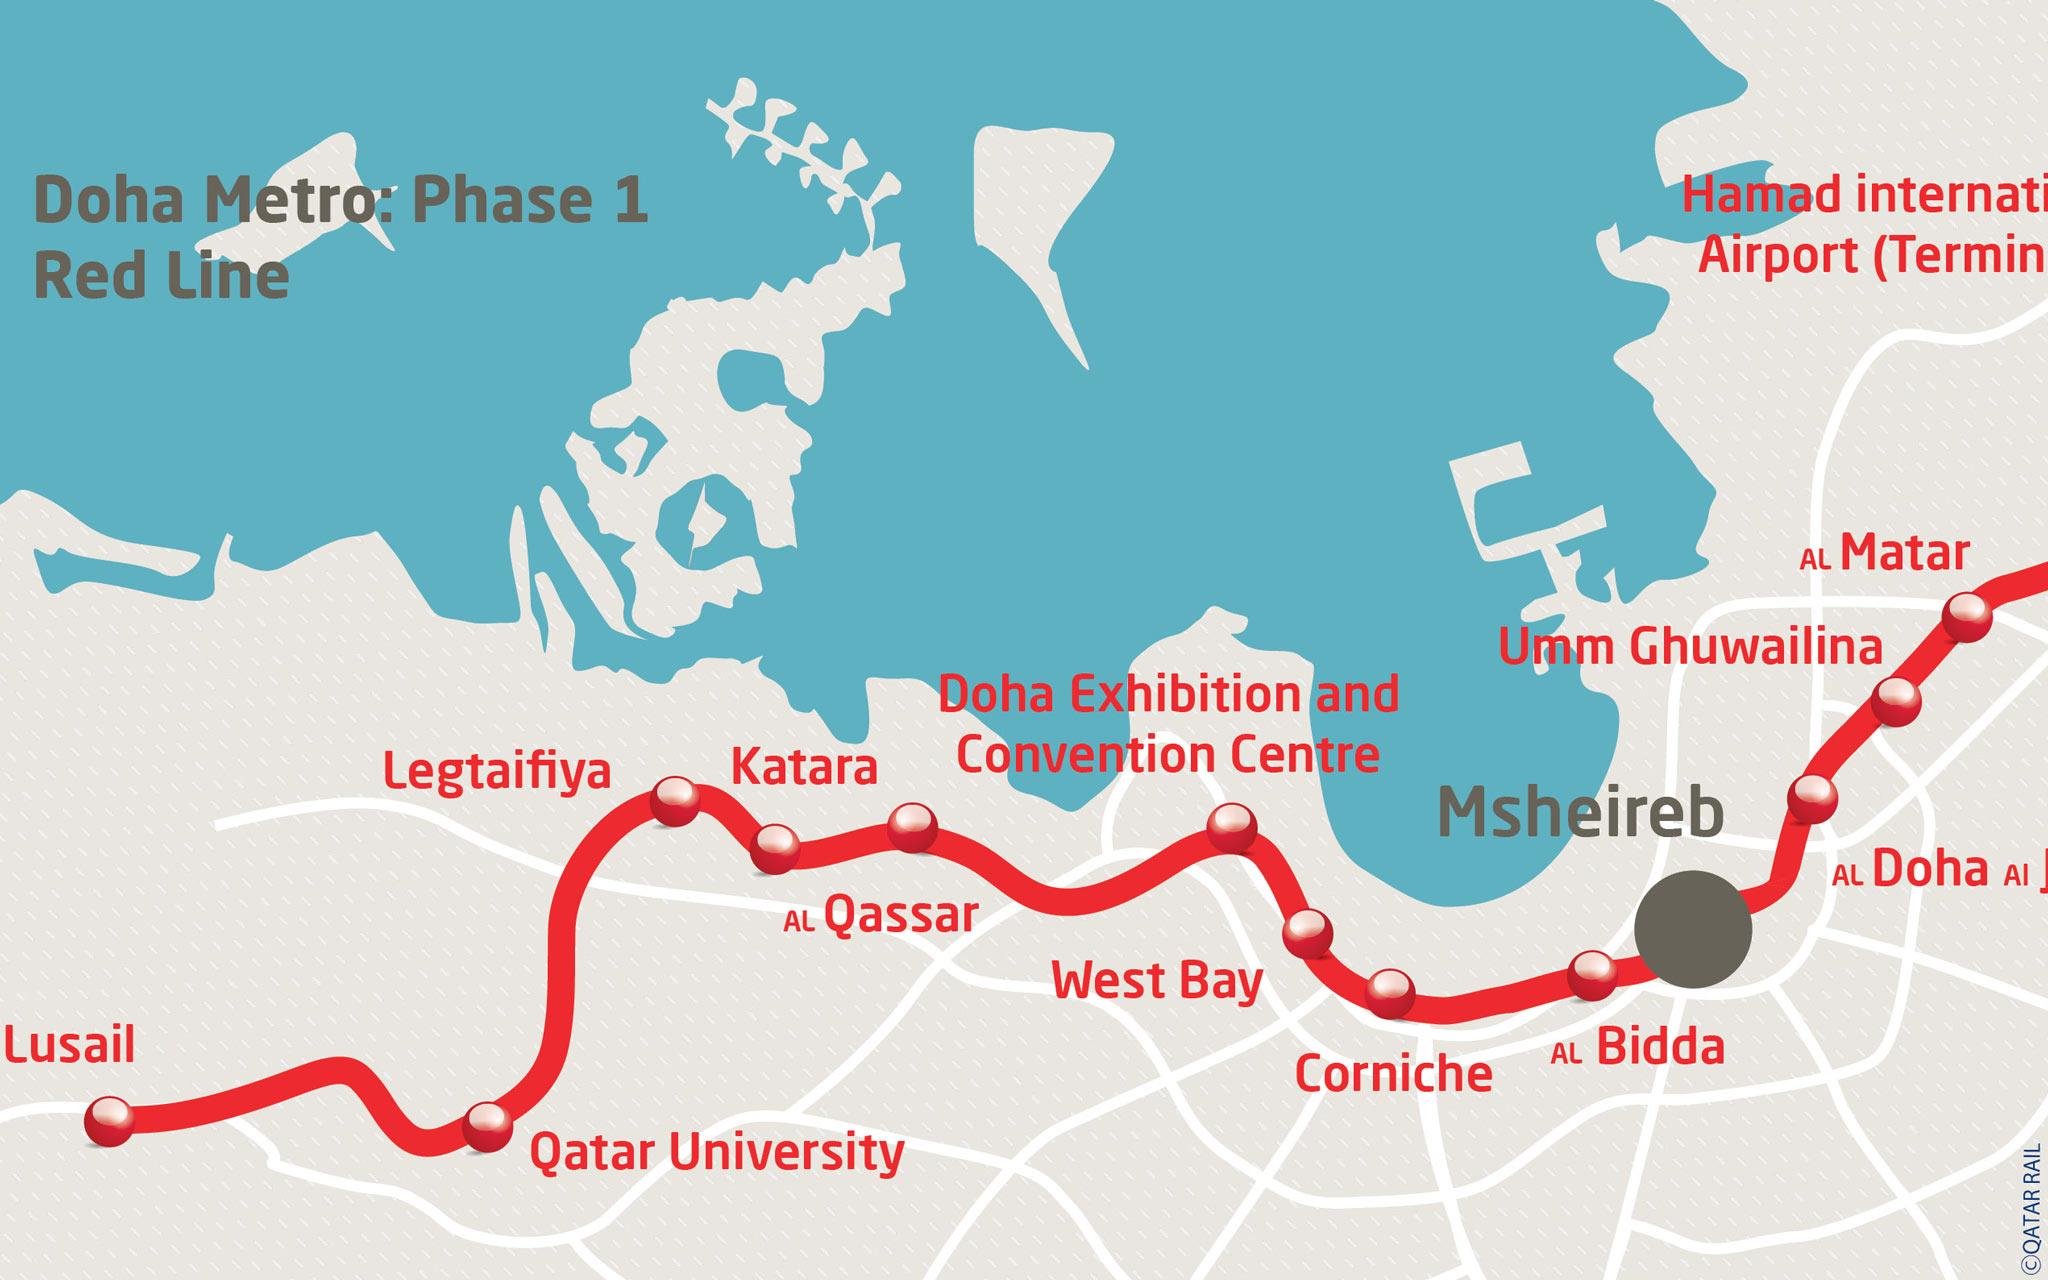 Principales obras civiles del tramo elevado de la línea roja del metro de Doha